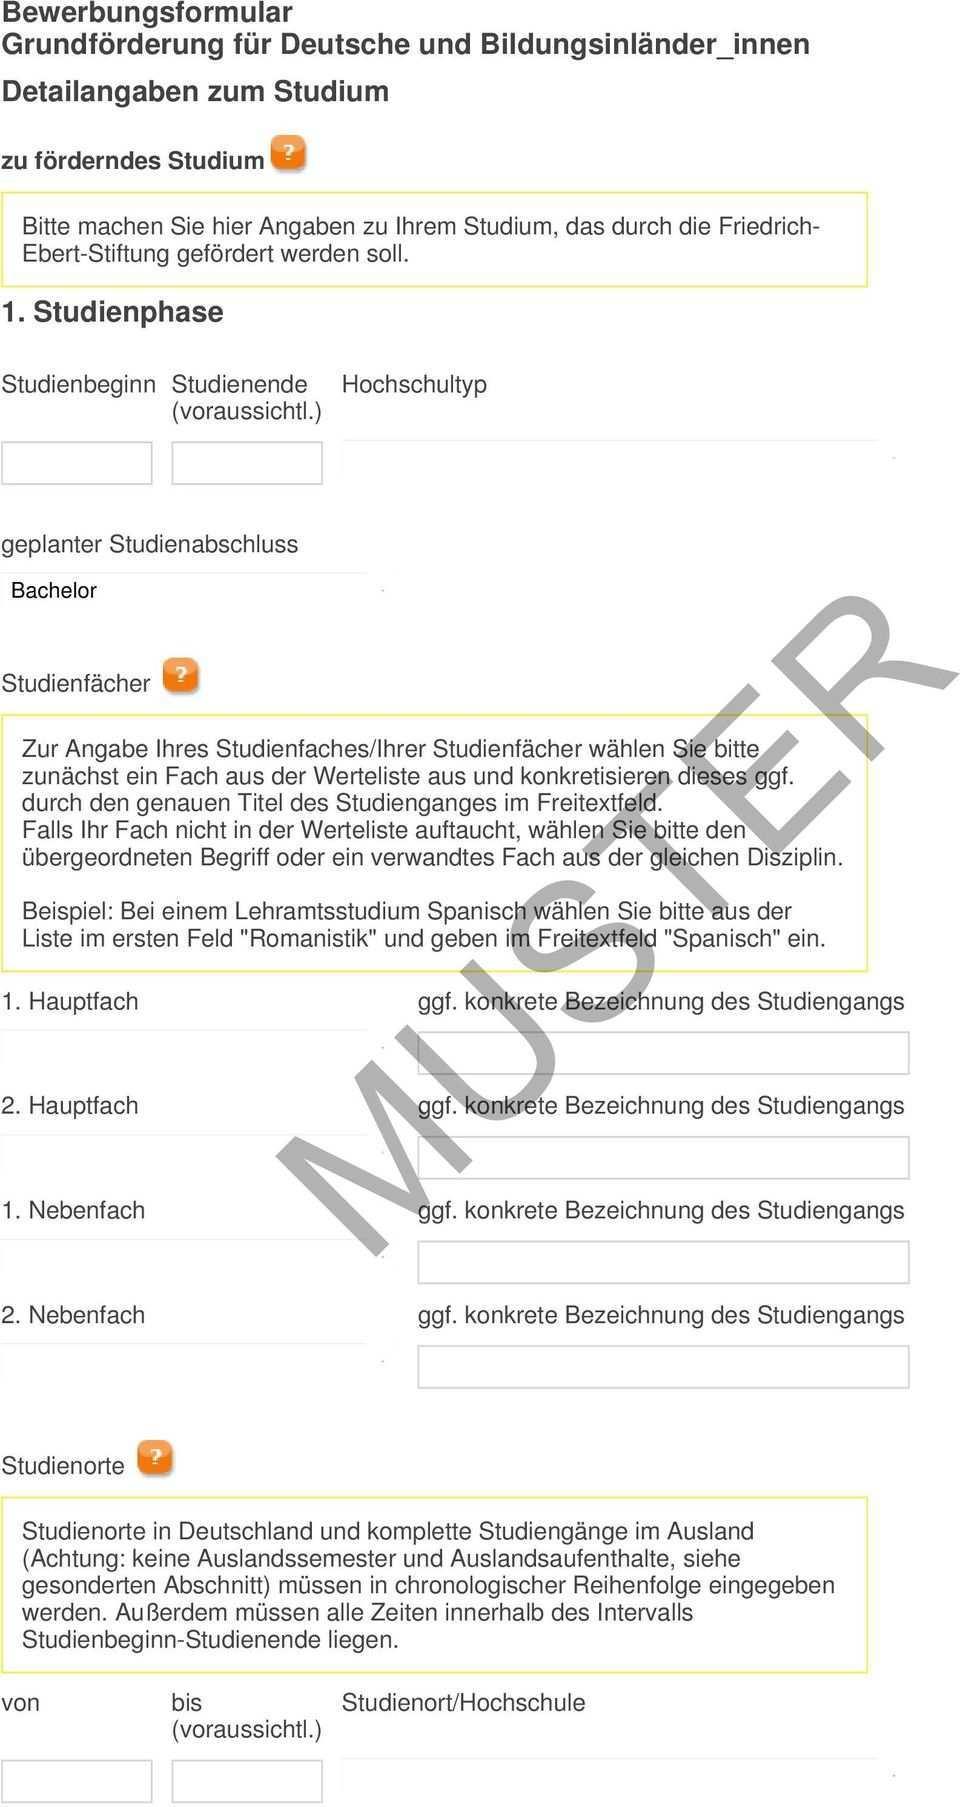 Muster Bewerbungsformular Grundforderung Fur Deutsche Und Bildungsinlander Innen Angaben Zur Person Aktuelle Anschrift Pdf Free Download